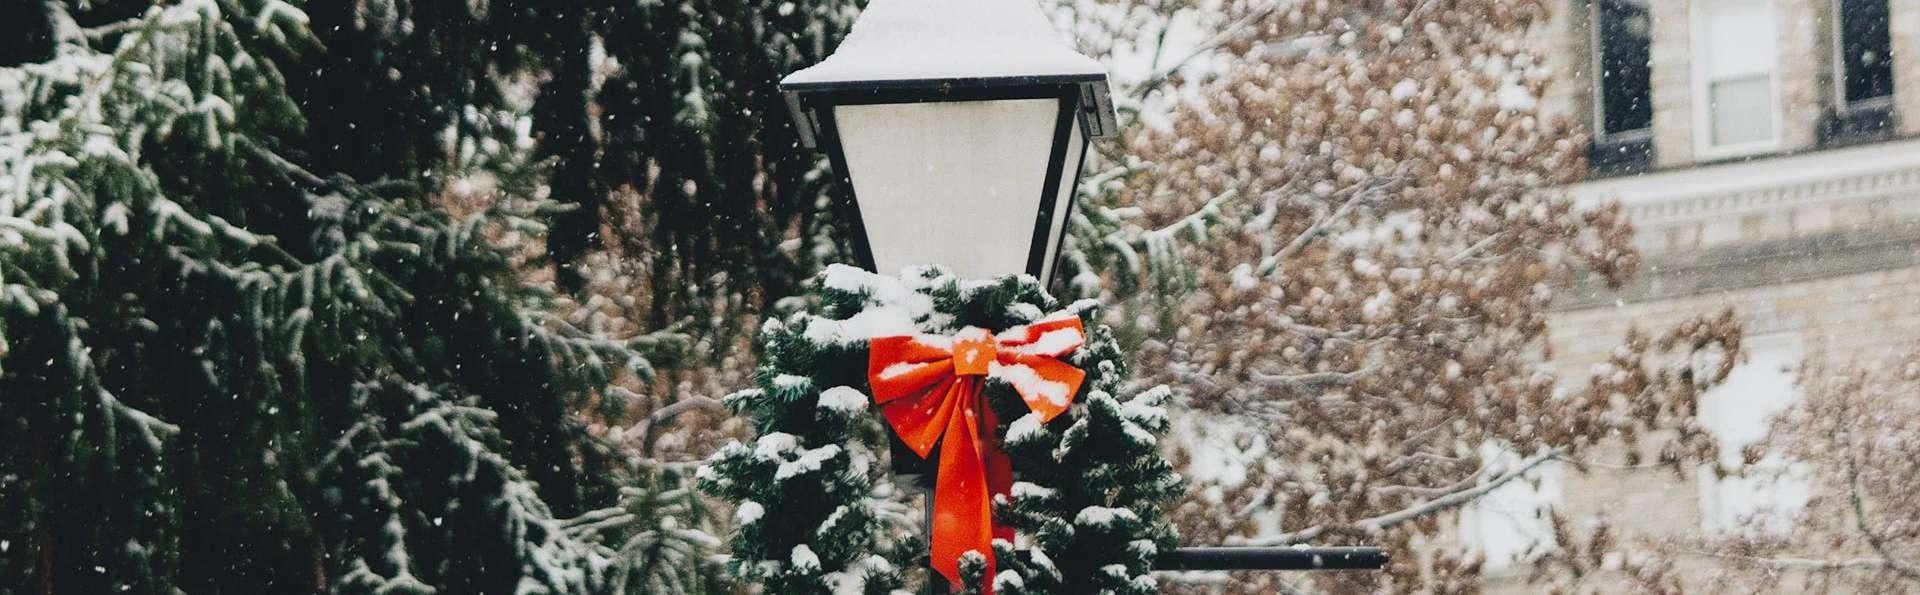 Entrez dans la magie de Noël en famille ! (6 pers max)